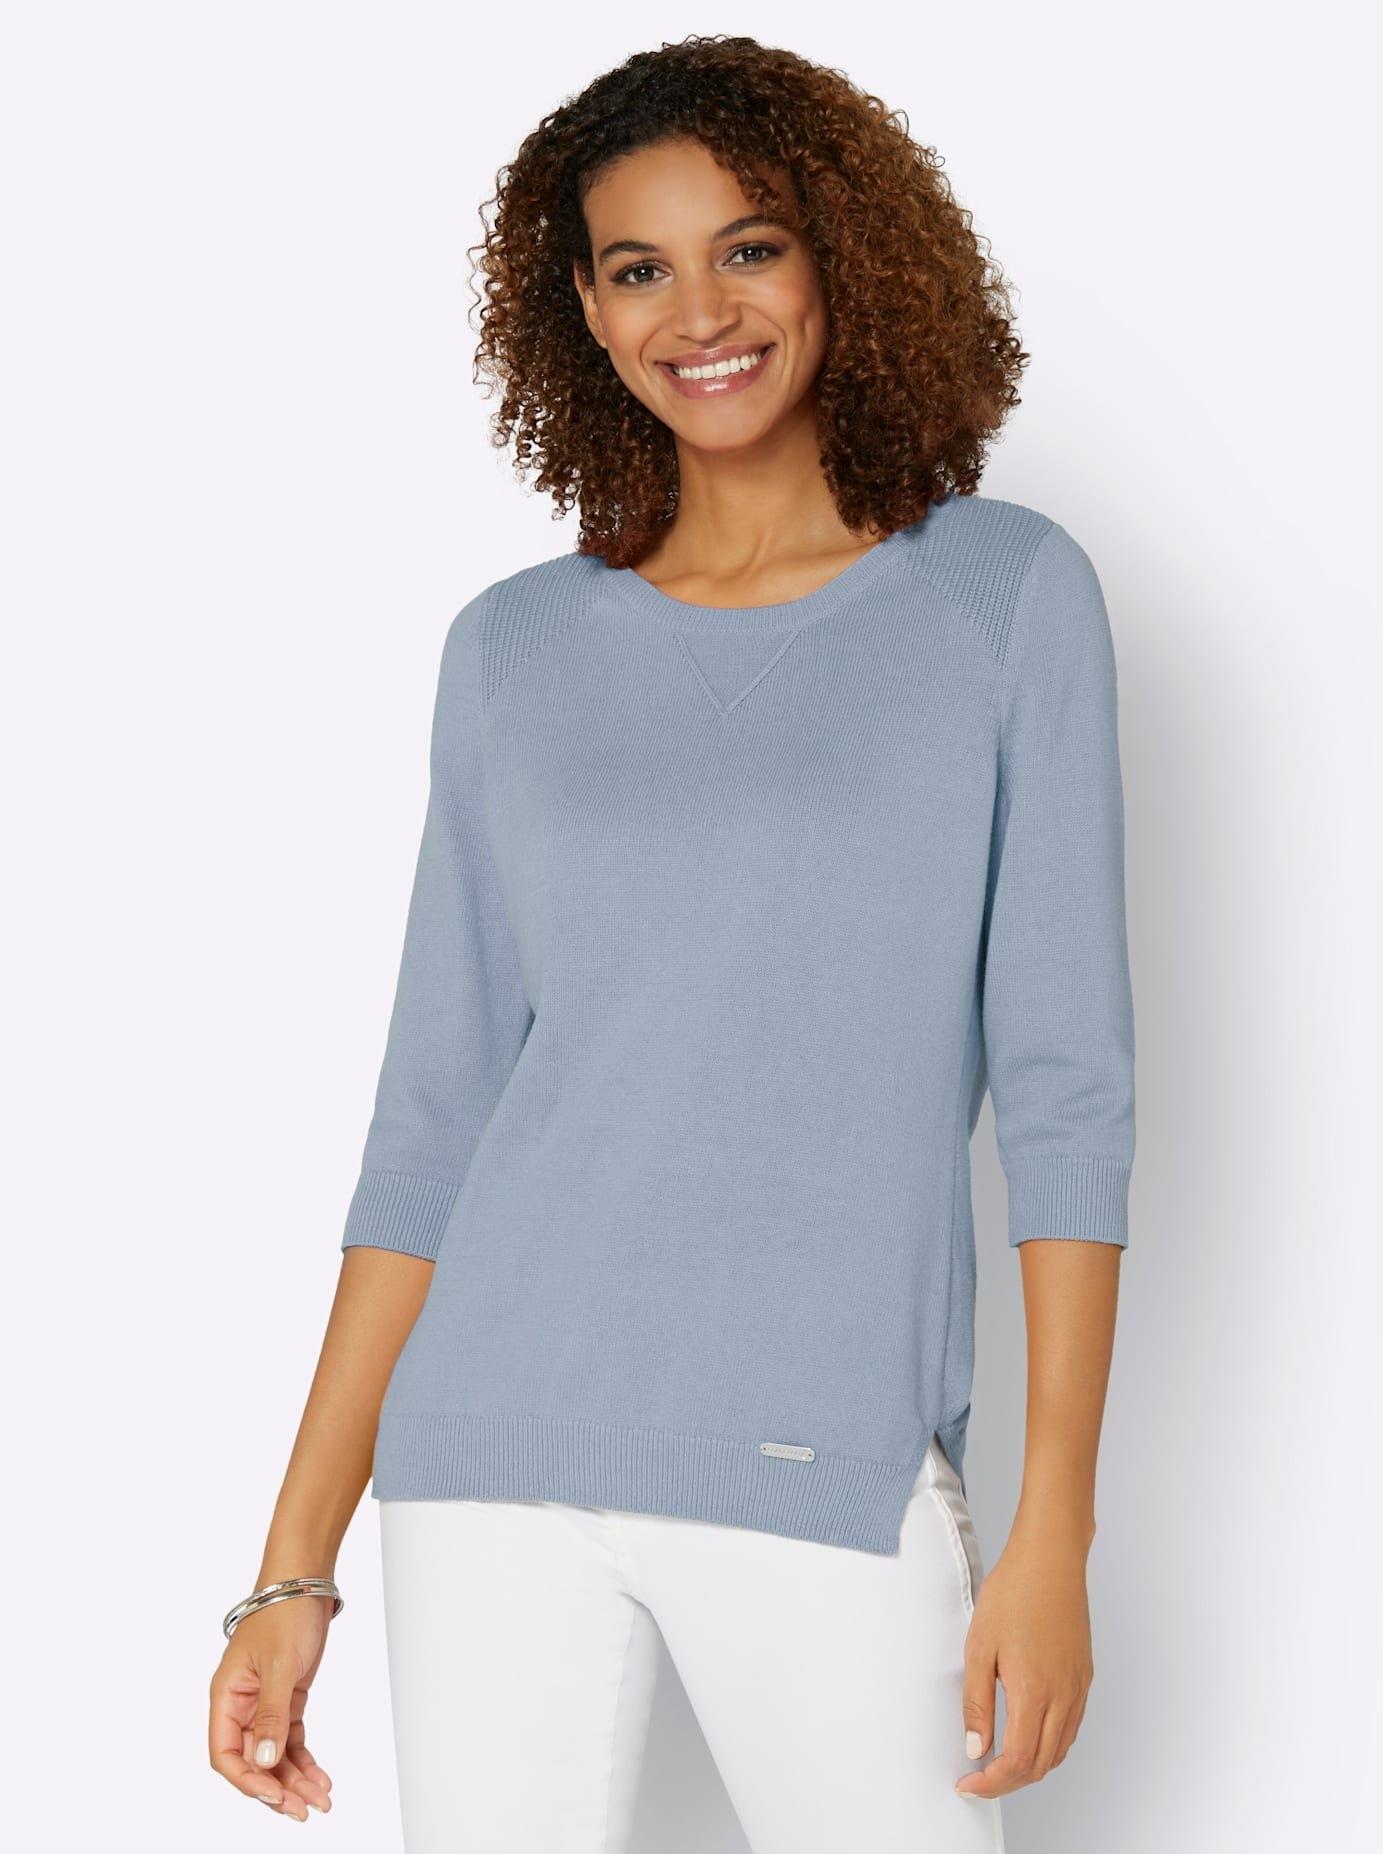 Op zoek naar een Casual Looks trui met 3/4-mouwen Trui? Koop online bij OTTO